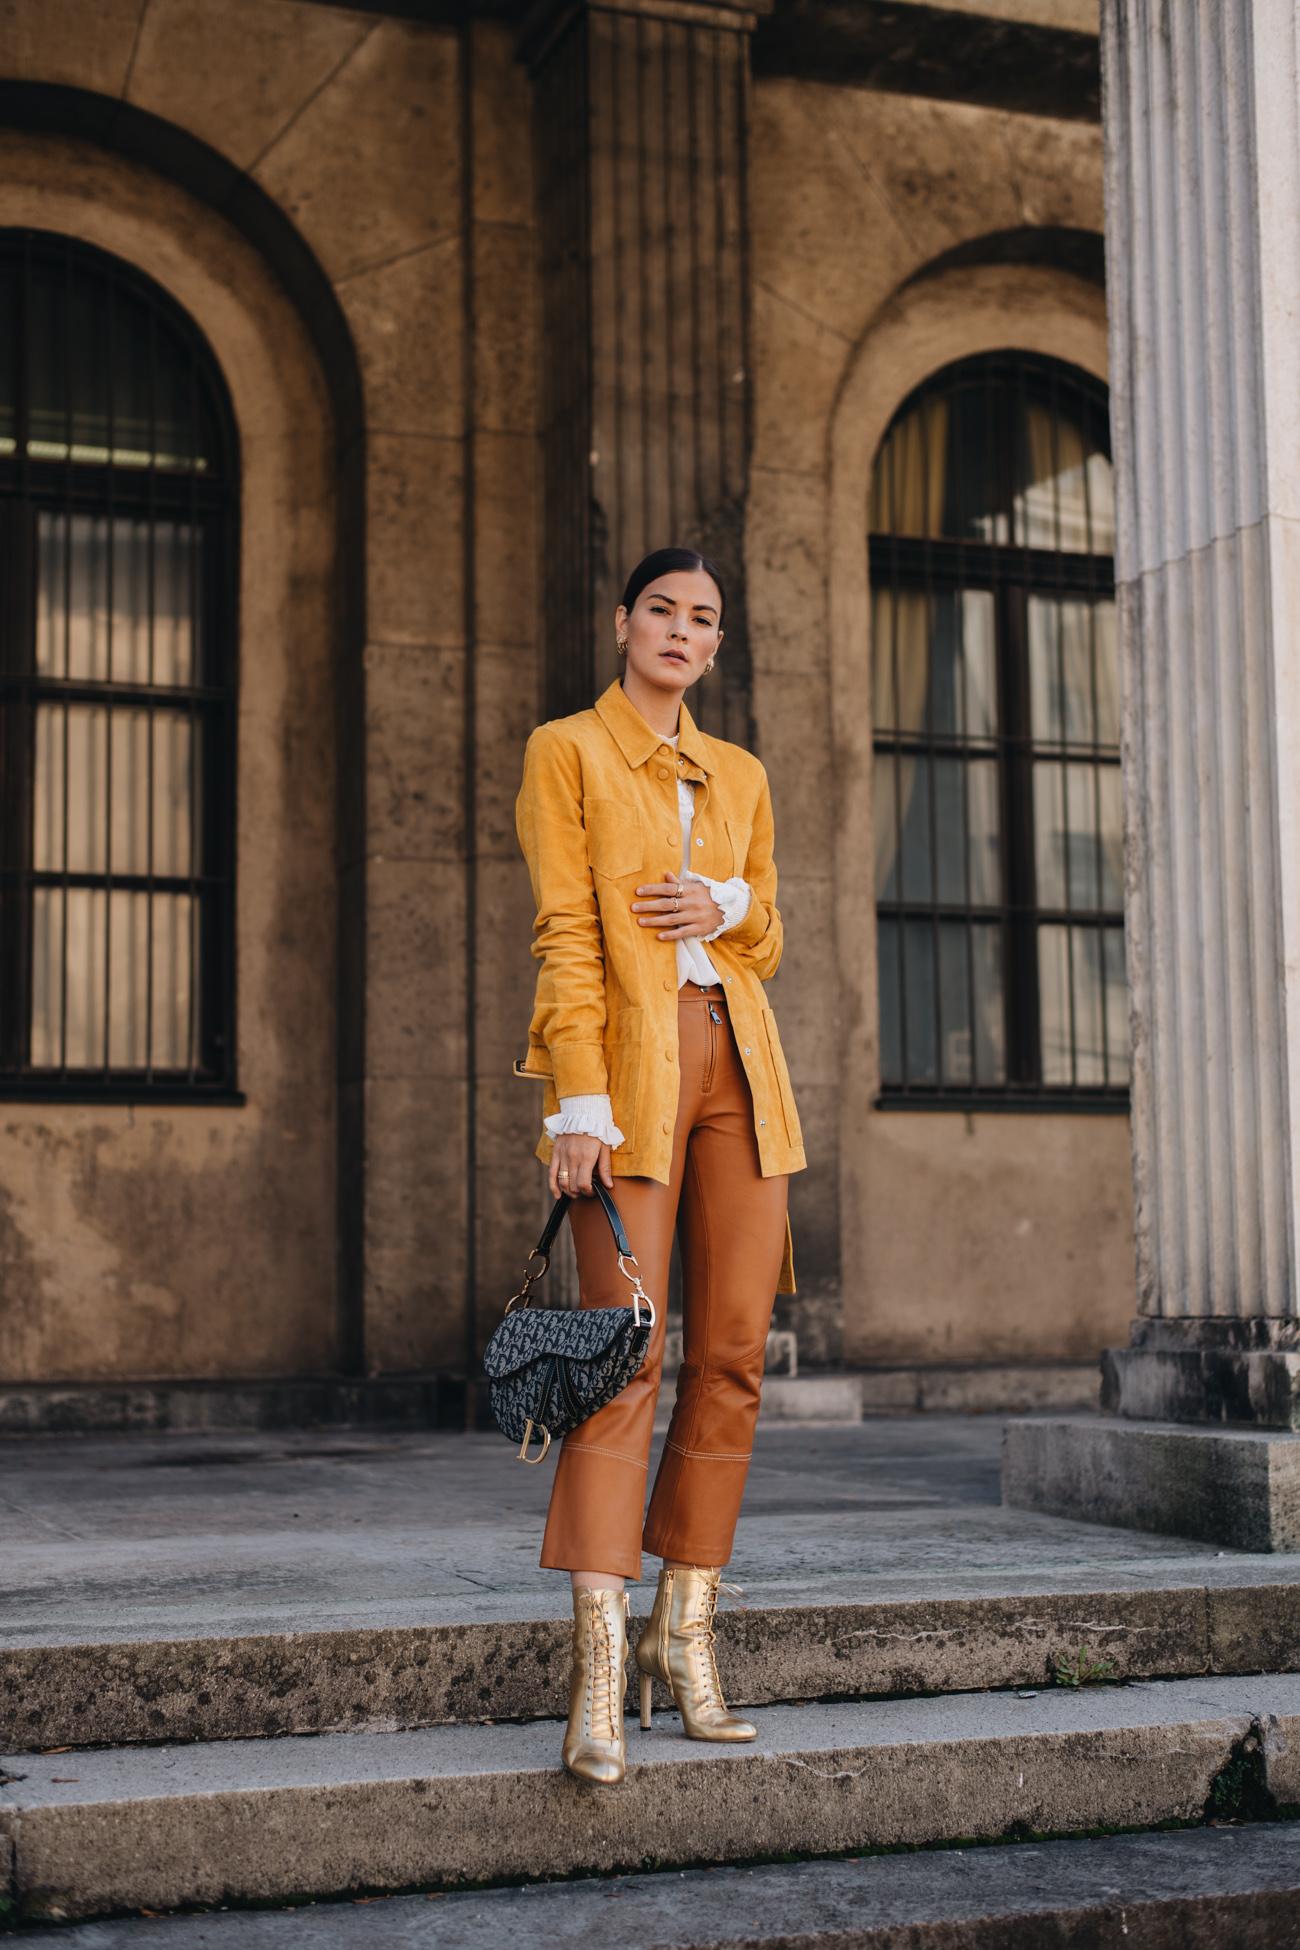 Herbst Outfit in Gelb und Braun